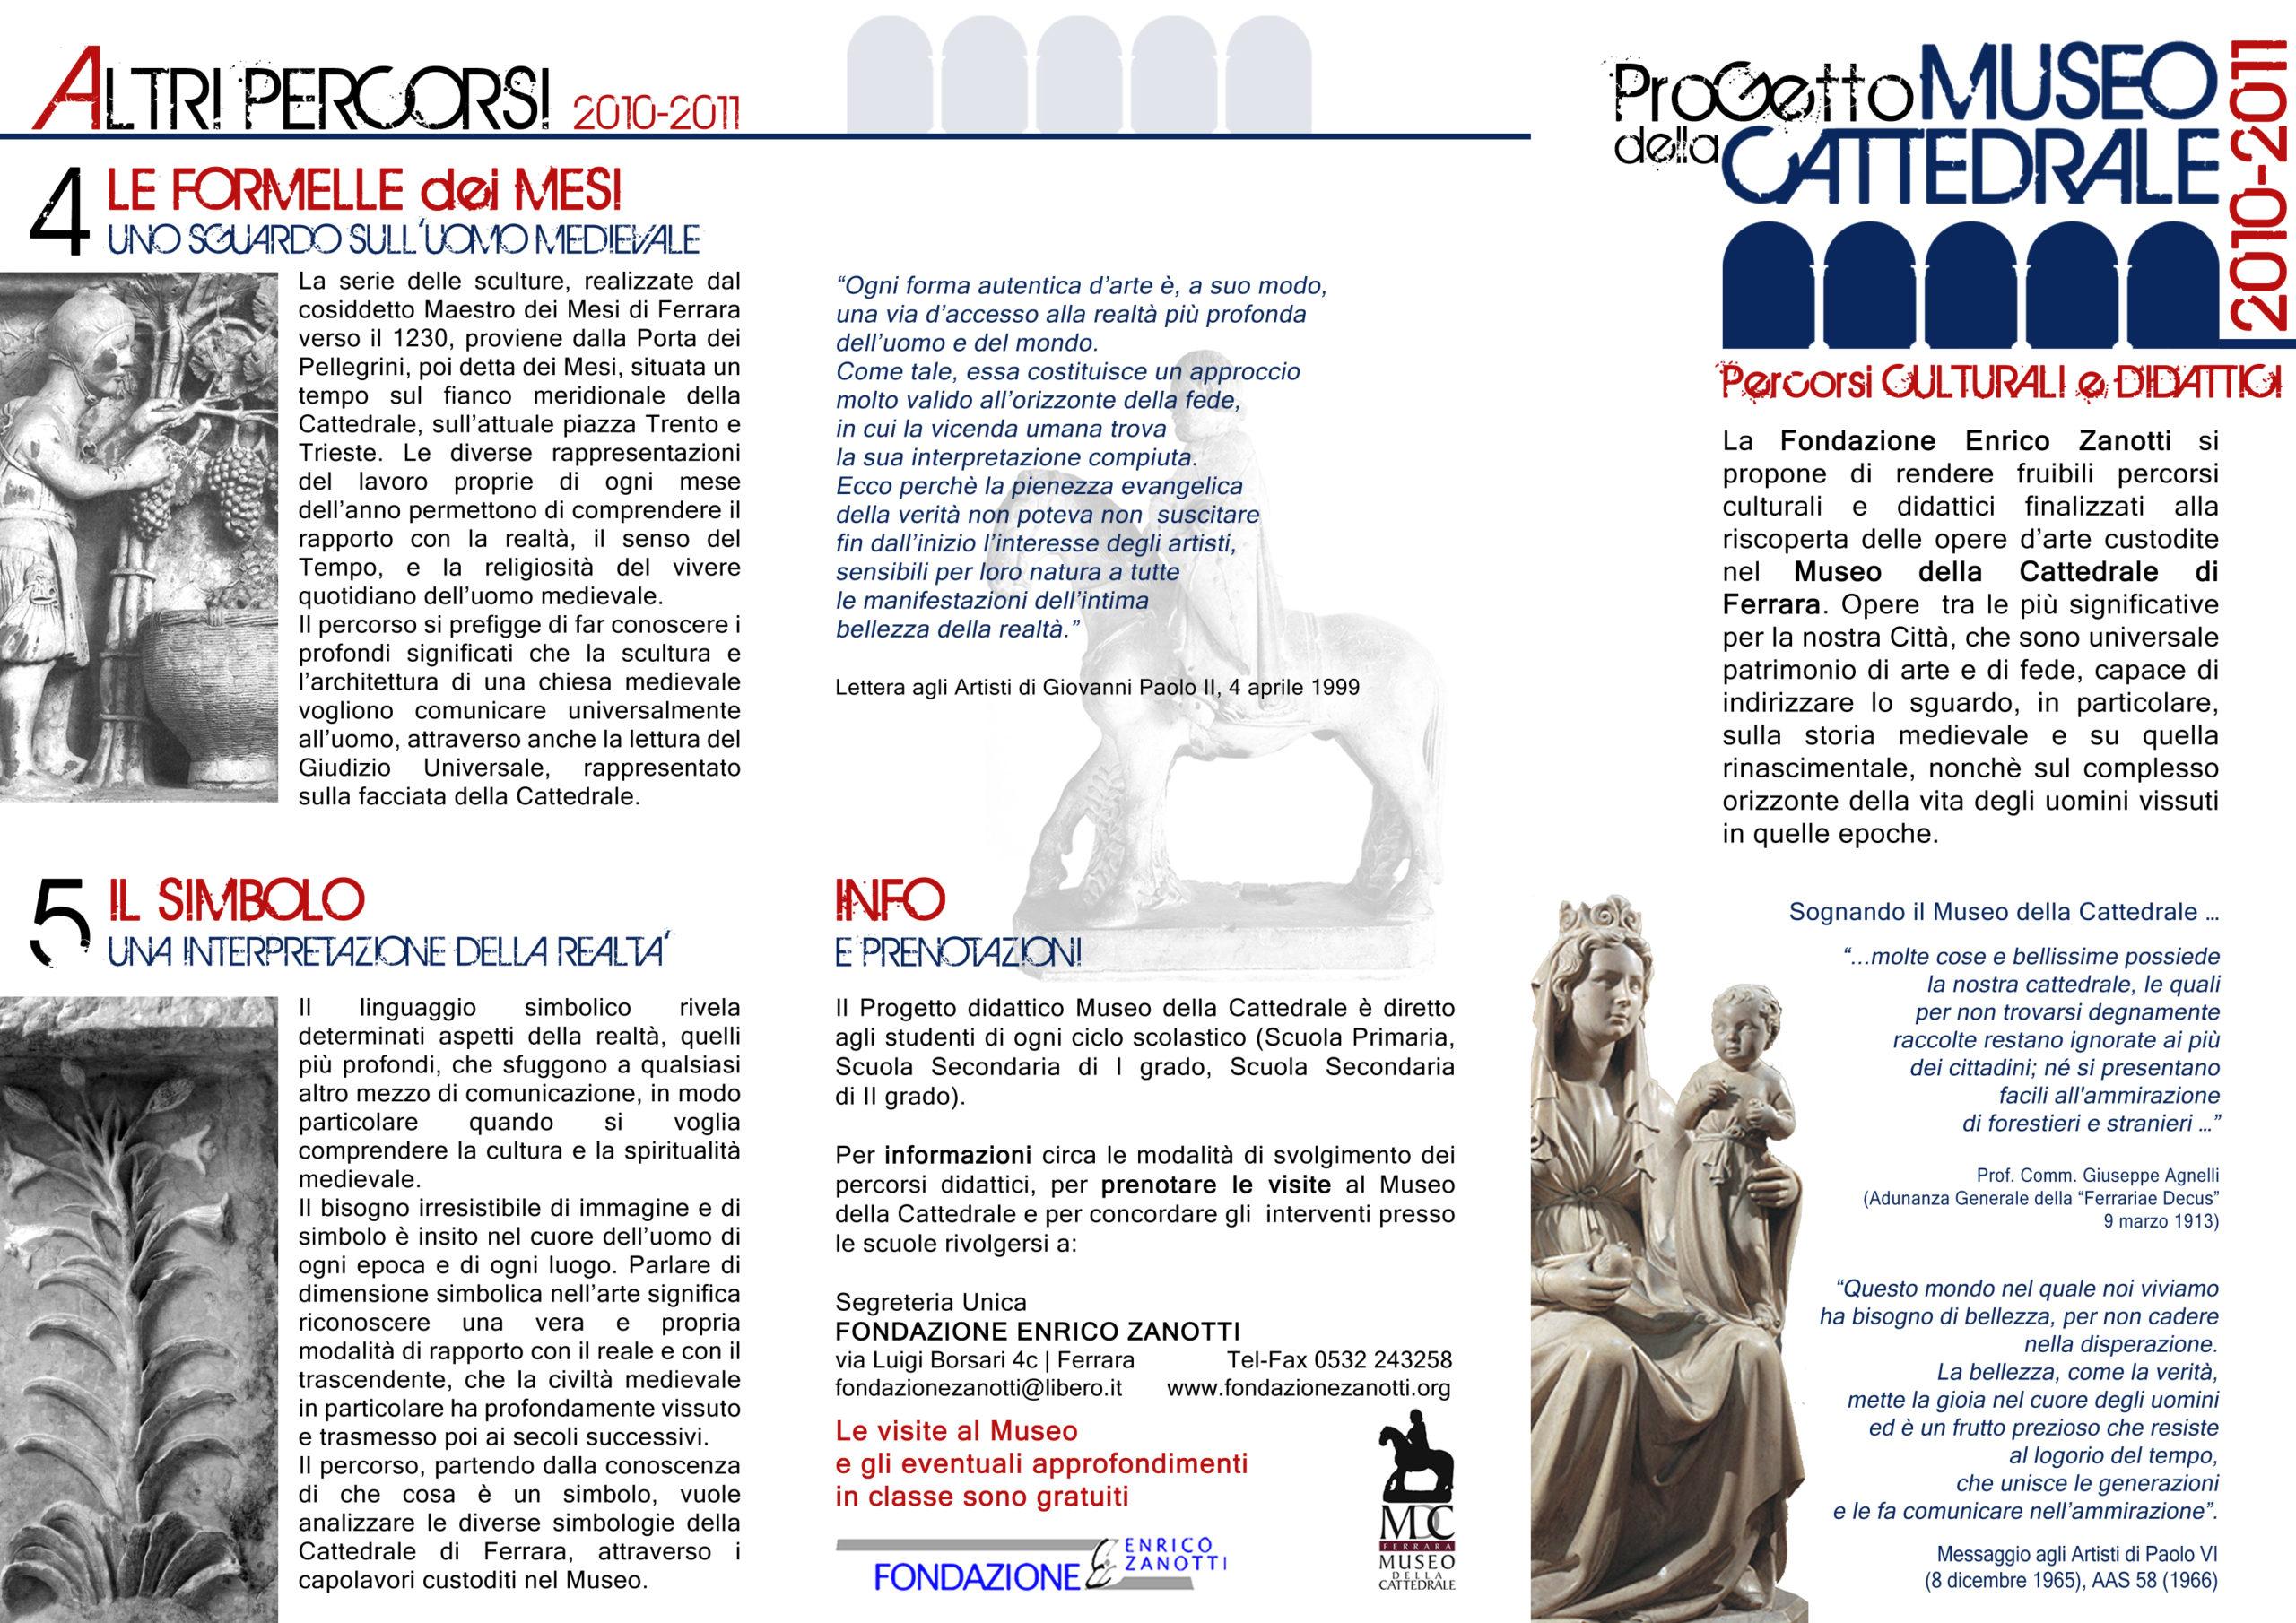 Pieghevole MUSEO 2010-2011 Esterno 1